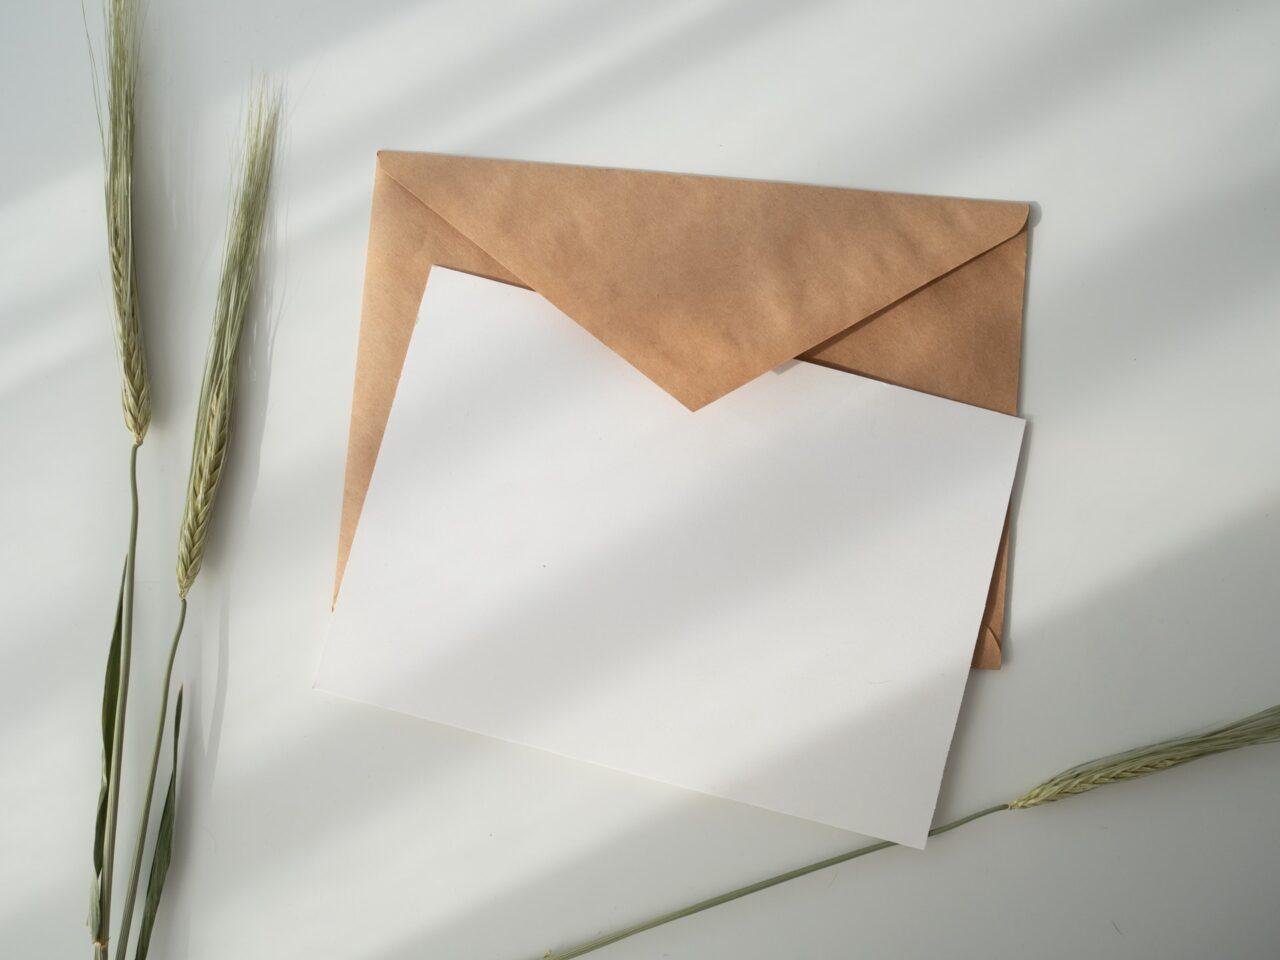 Diskonto Adalah Bunga yang Harus Dibayarkan, Adakah Kaitannya dengan Surat Dagang?